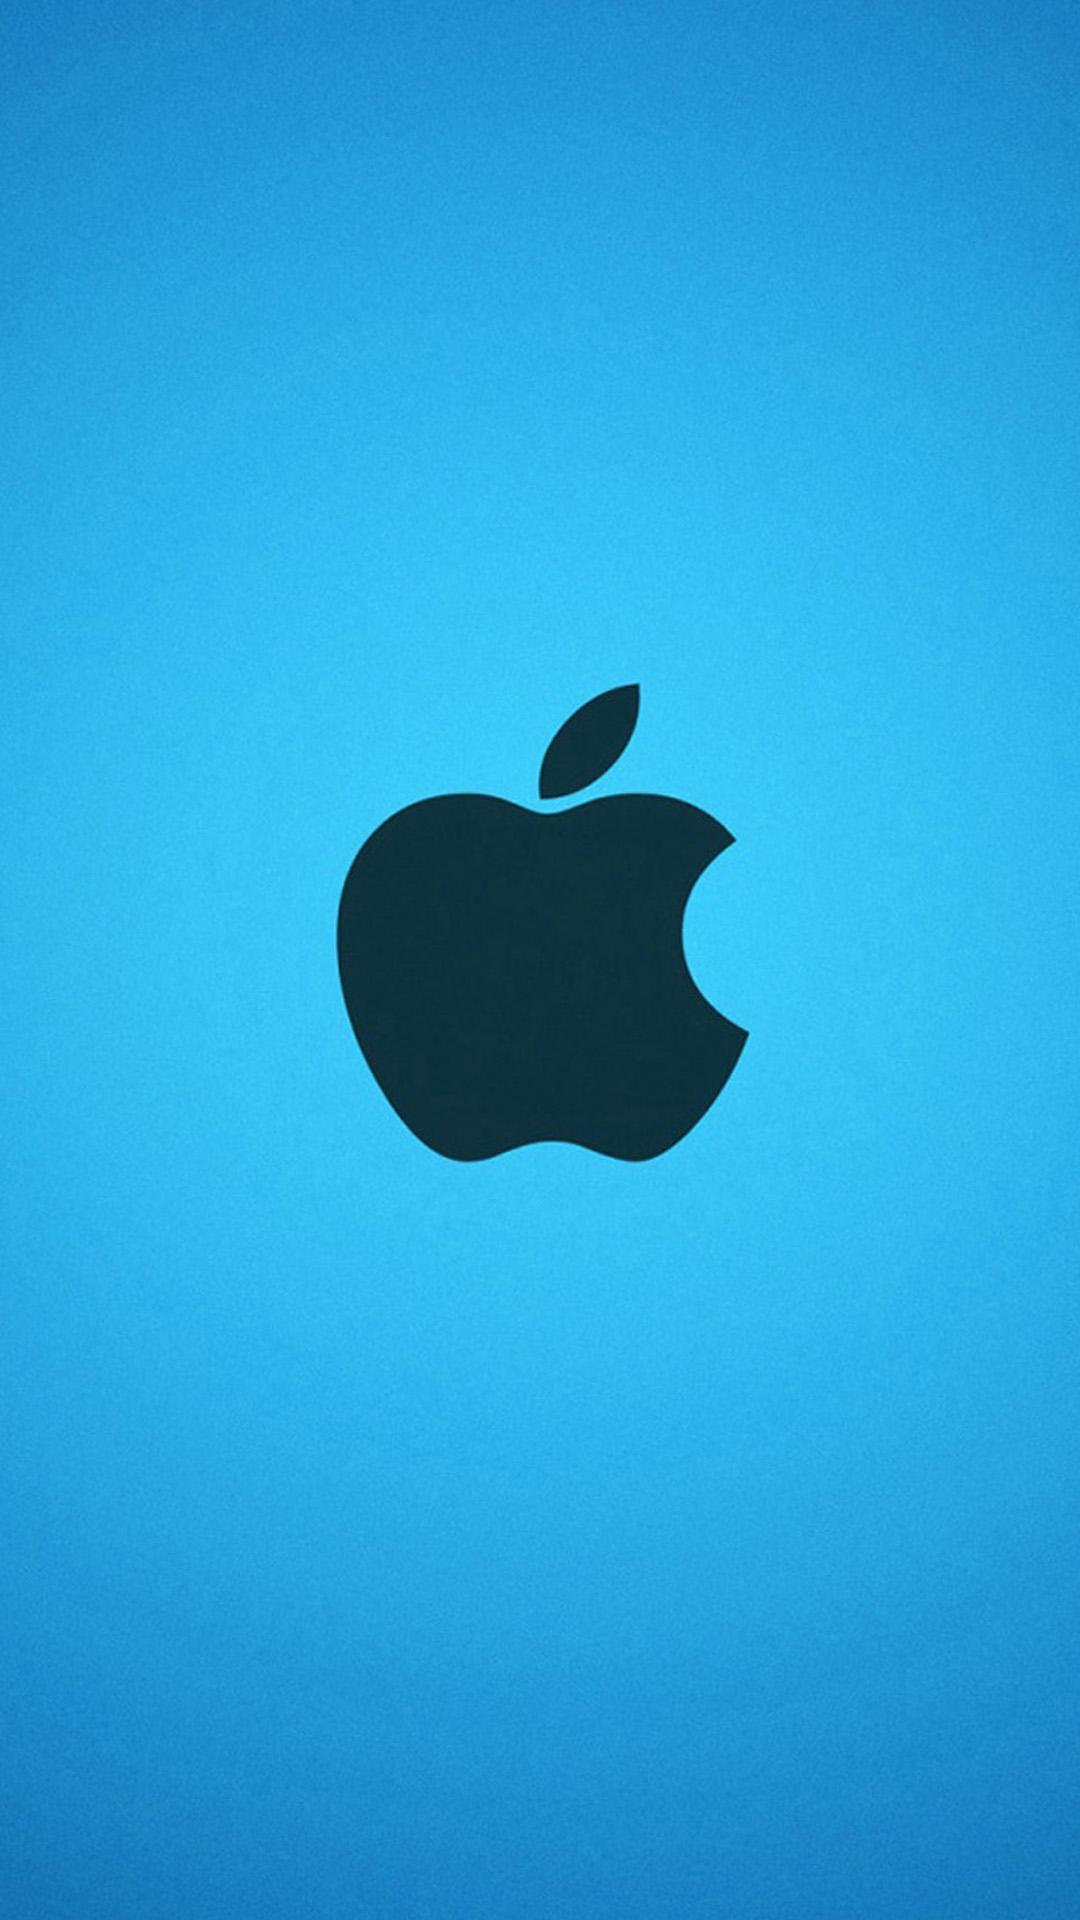 iphone 6 apple wallpaper - wallpapersafari